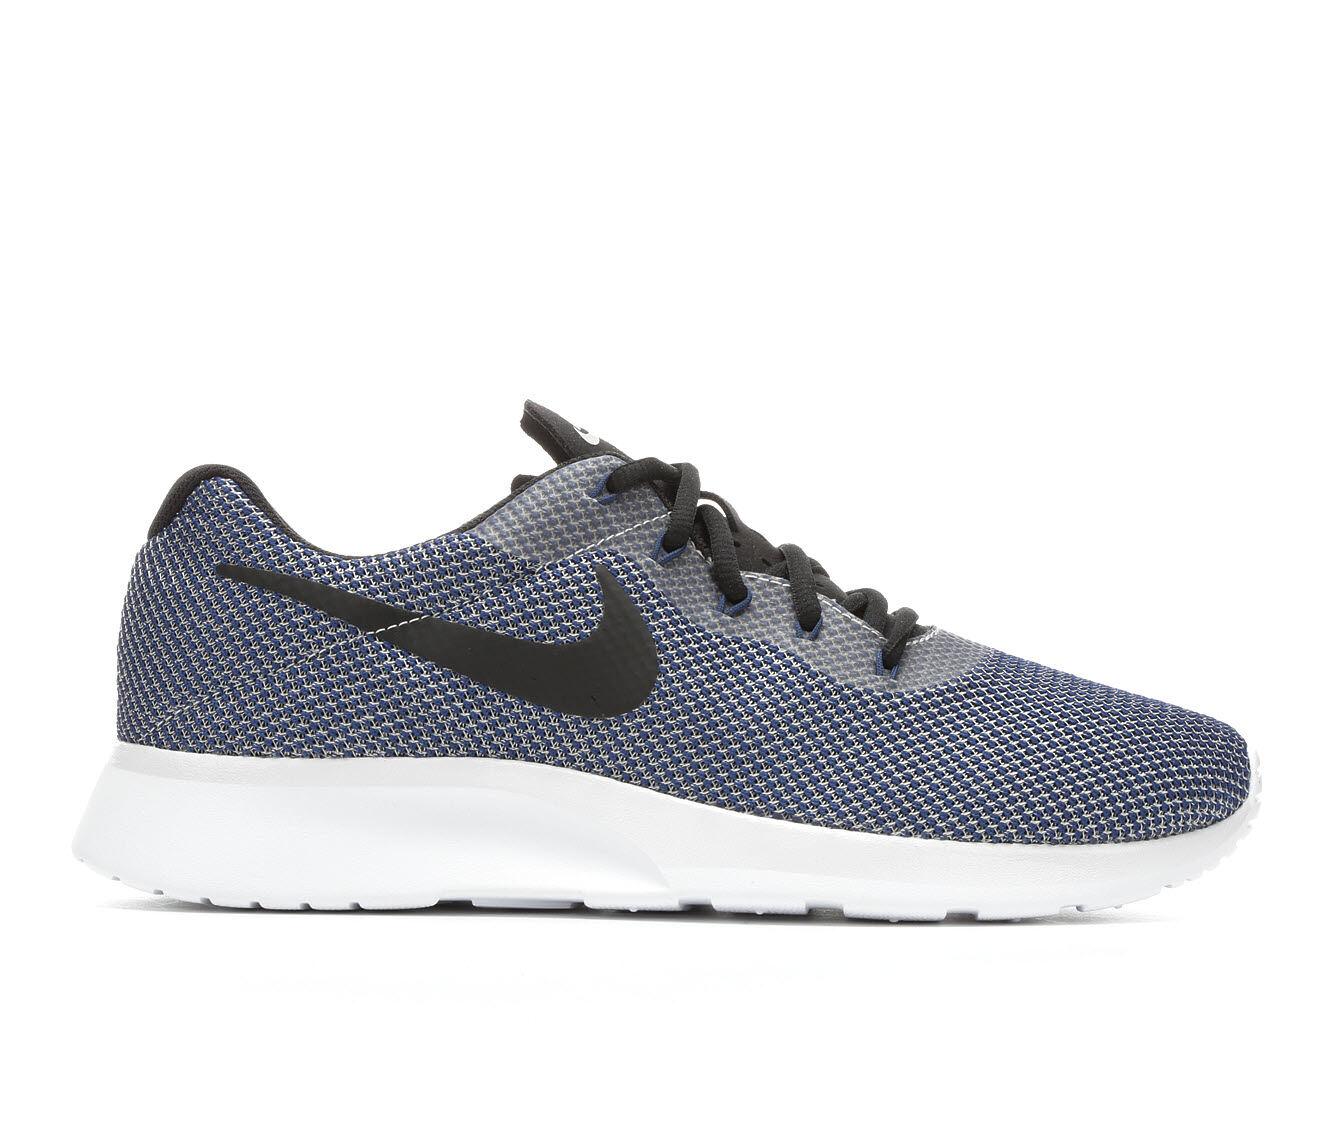 rockport shoes vero beach fl zip code 957575